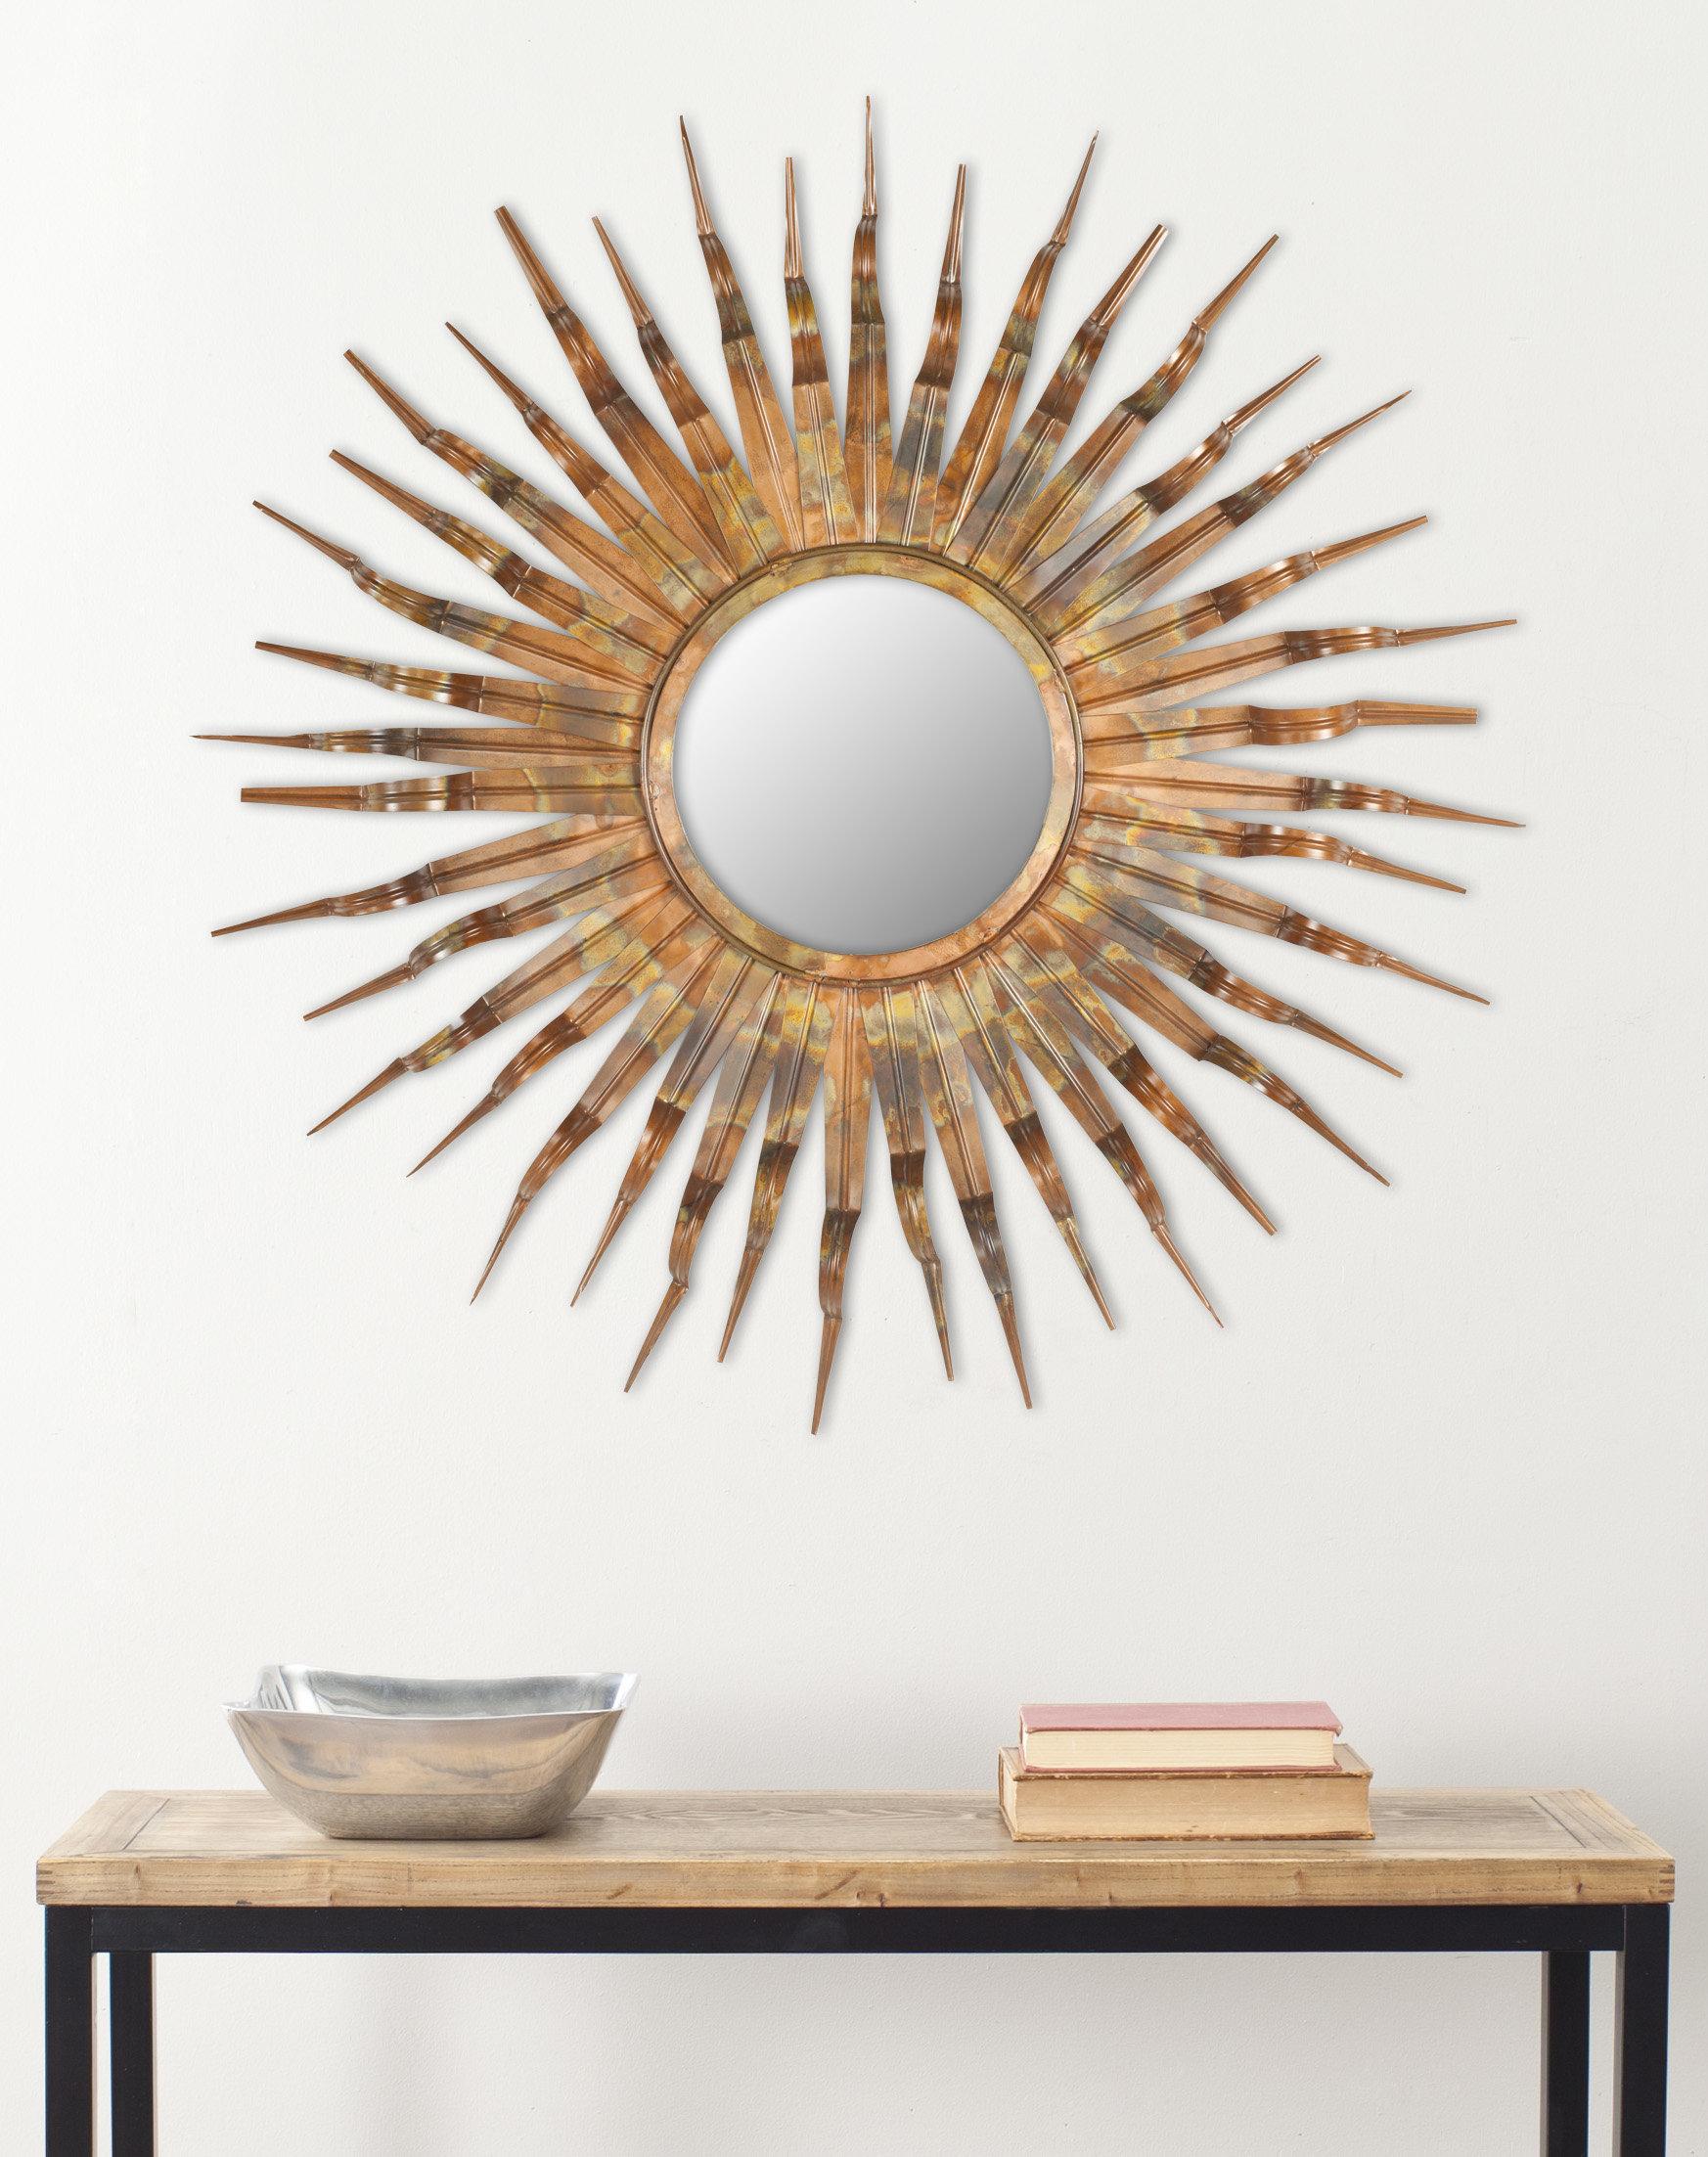 Birksgate Accent Mirror For Birksgate Sunburst Accent Mirrors (View 6 of 20)